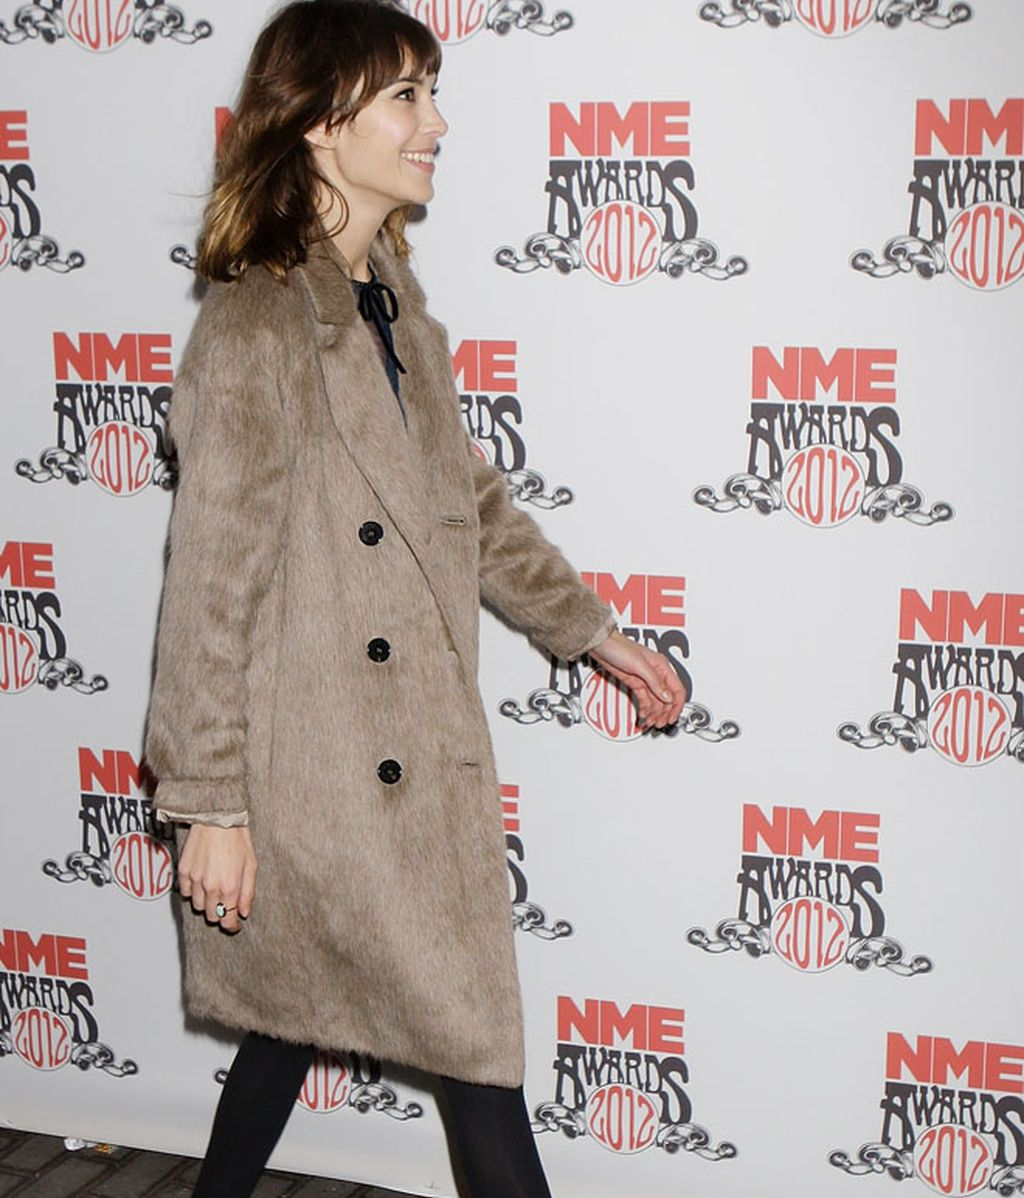 De blanco van las indies en los NME